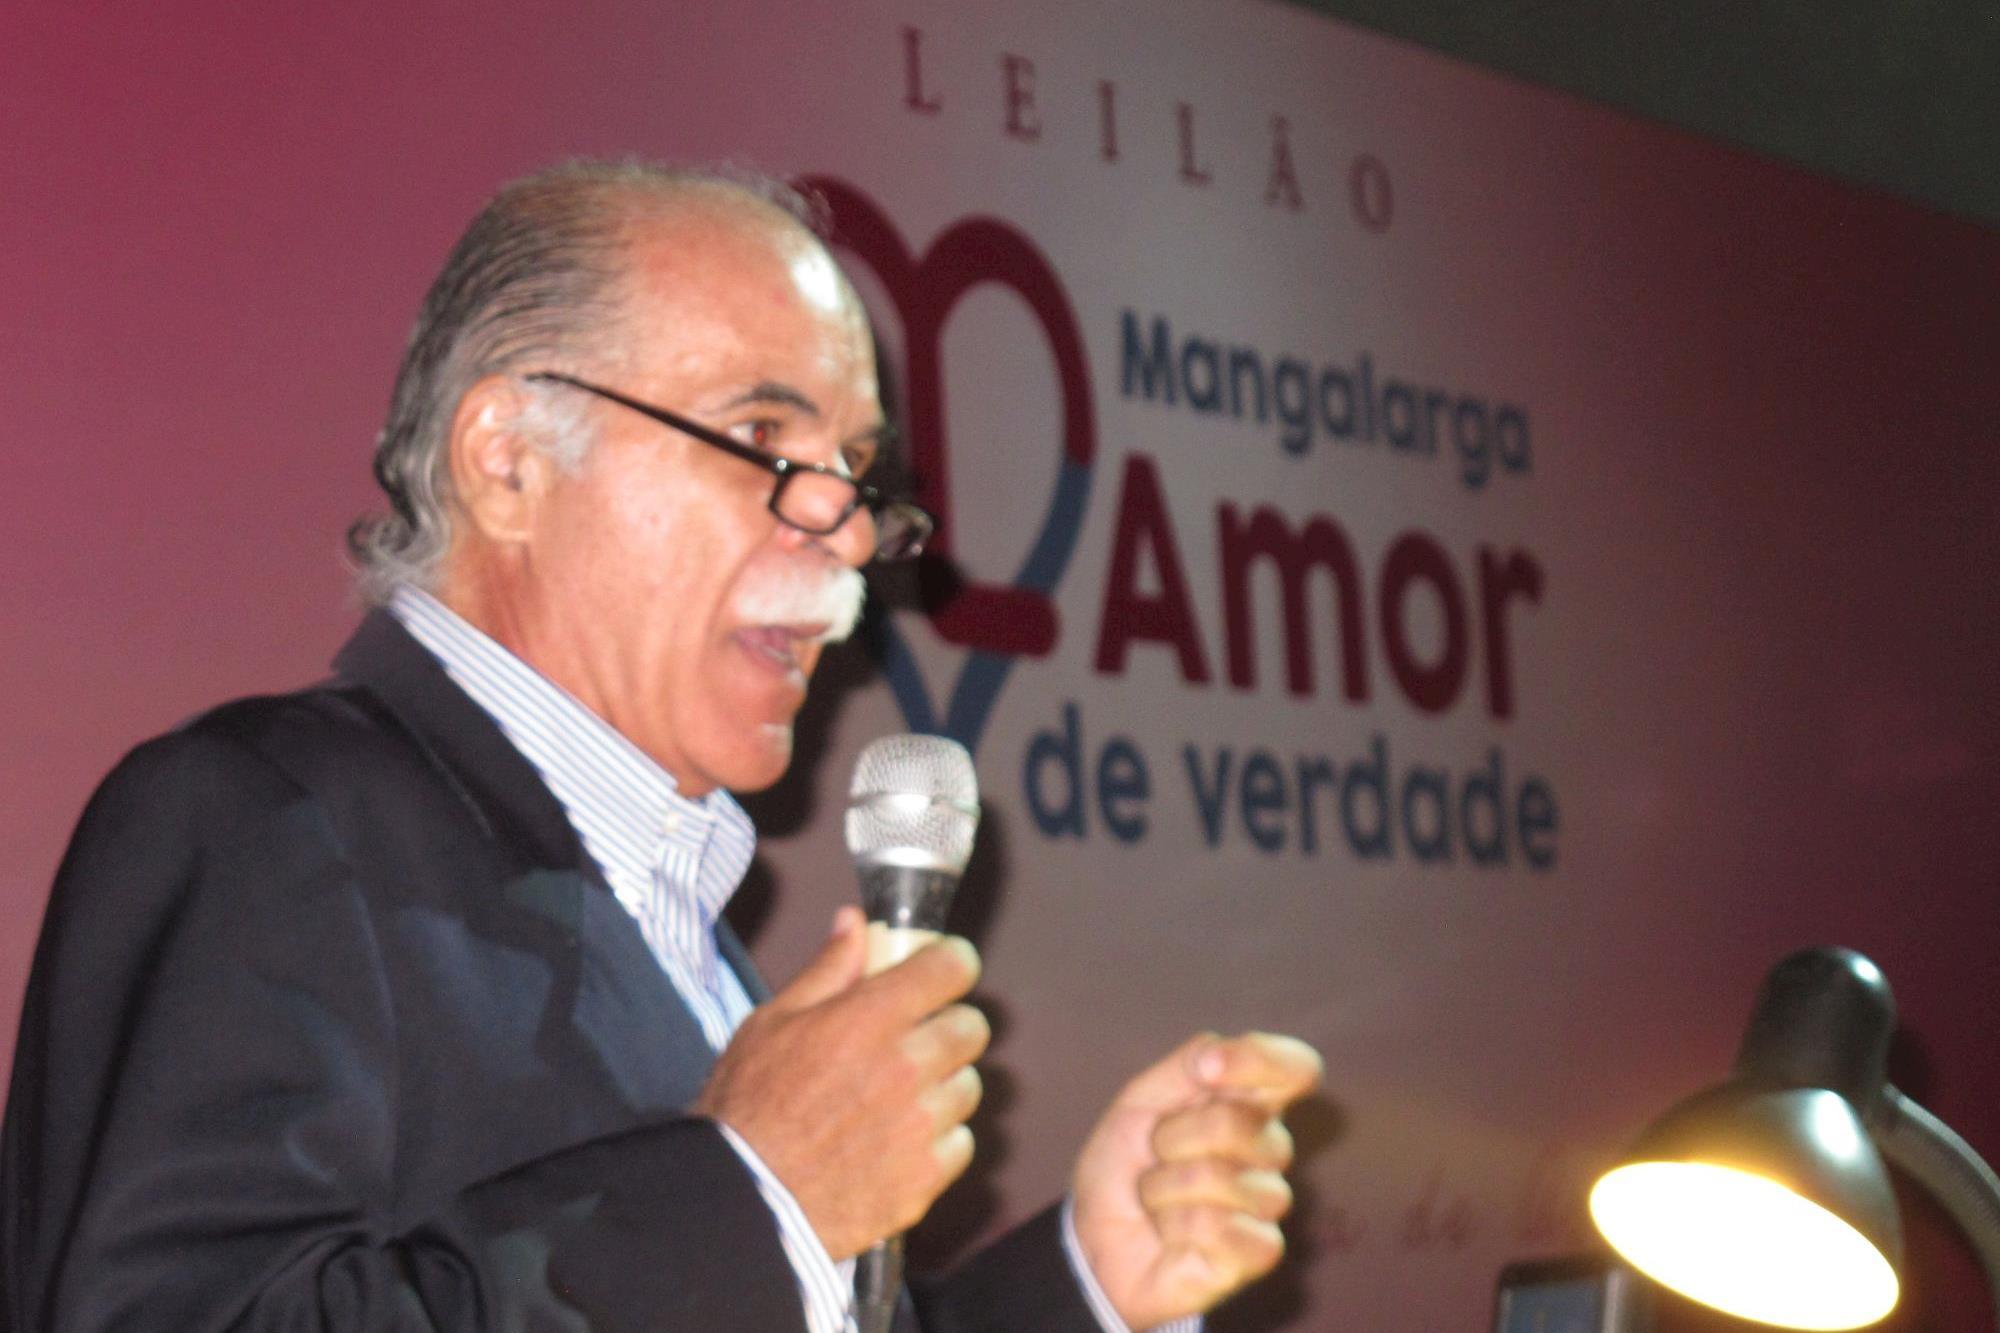 Leilão beneficente arrecada R$ 1, 1 milhão